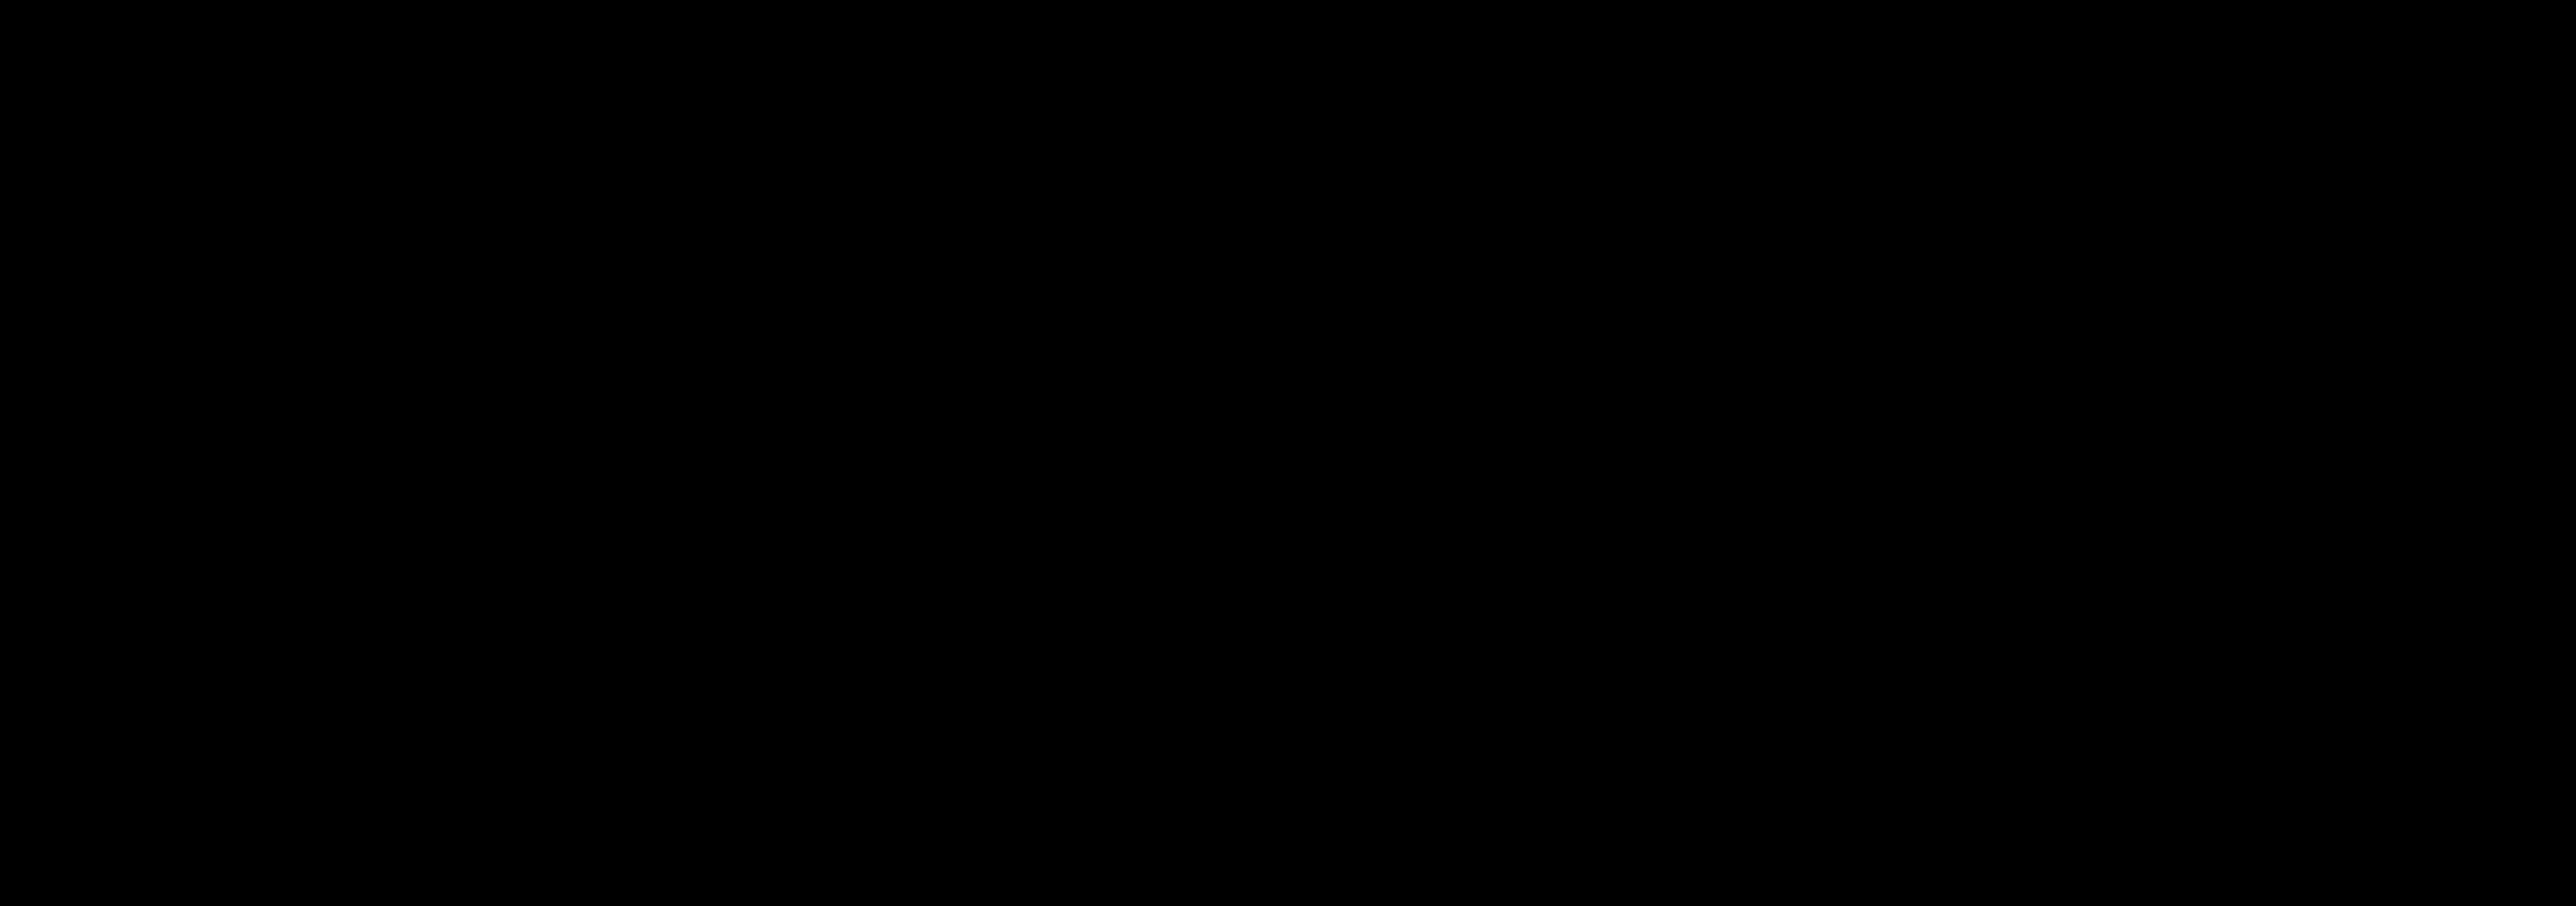 På figuren ser du hvordan bindingene mellom de lange karbonkjedene i treet brytes når treet varmes opp uten oksygentilførsel. Basert på: https://en.wikipedia.org/wiki/Pyrolysis#/media/File:SimpleDiagramPyrolysis.png